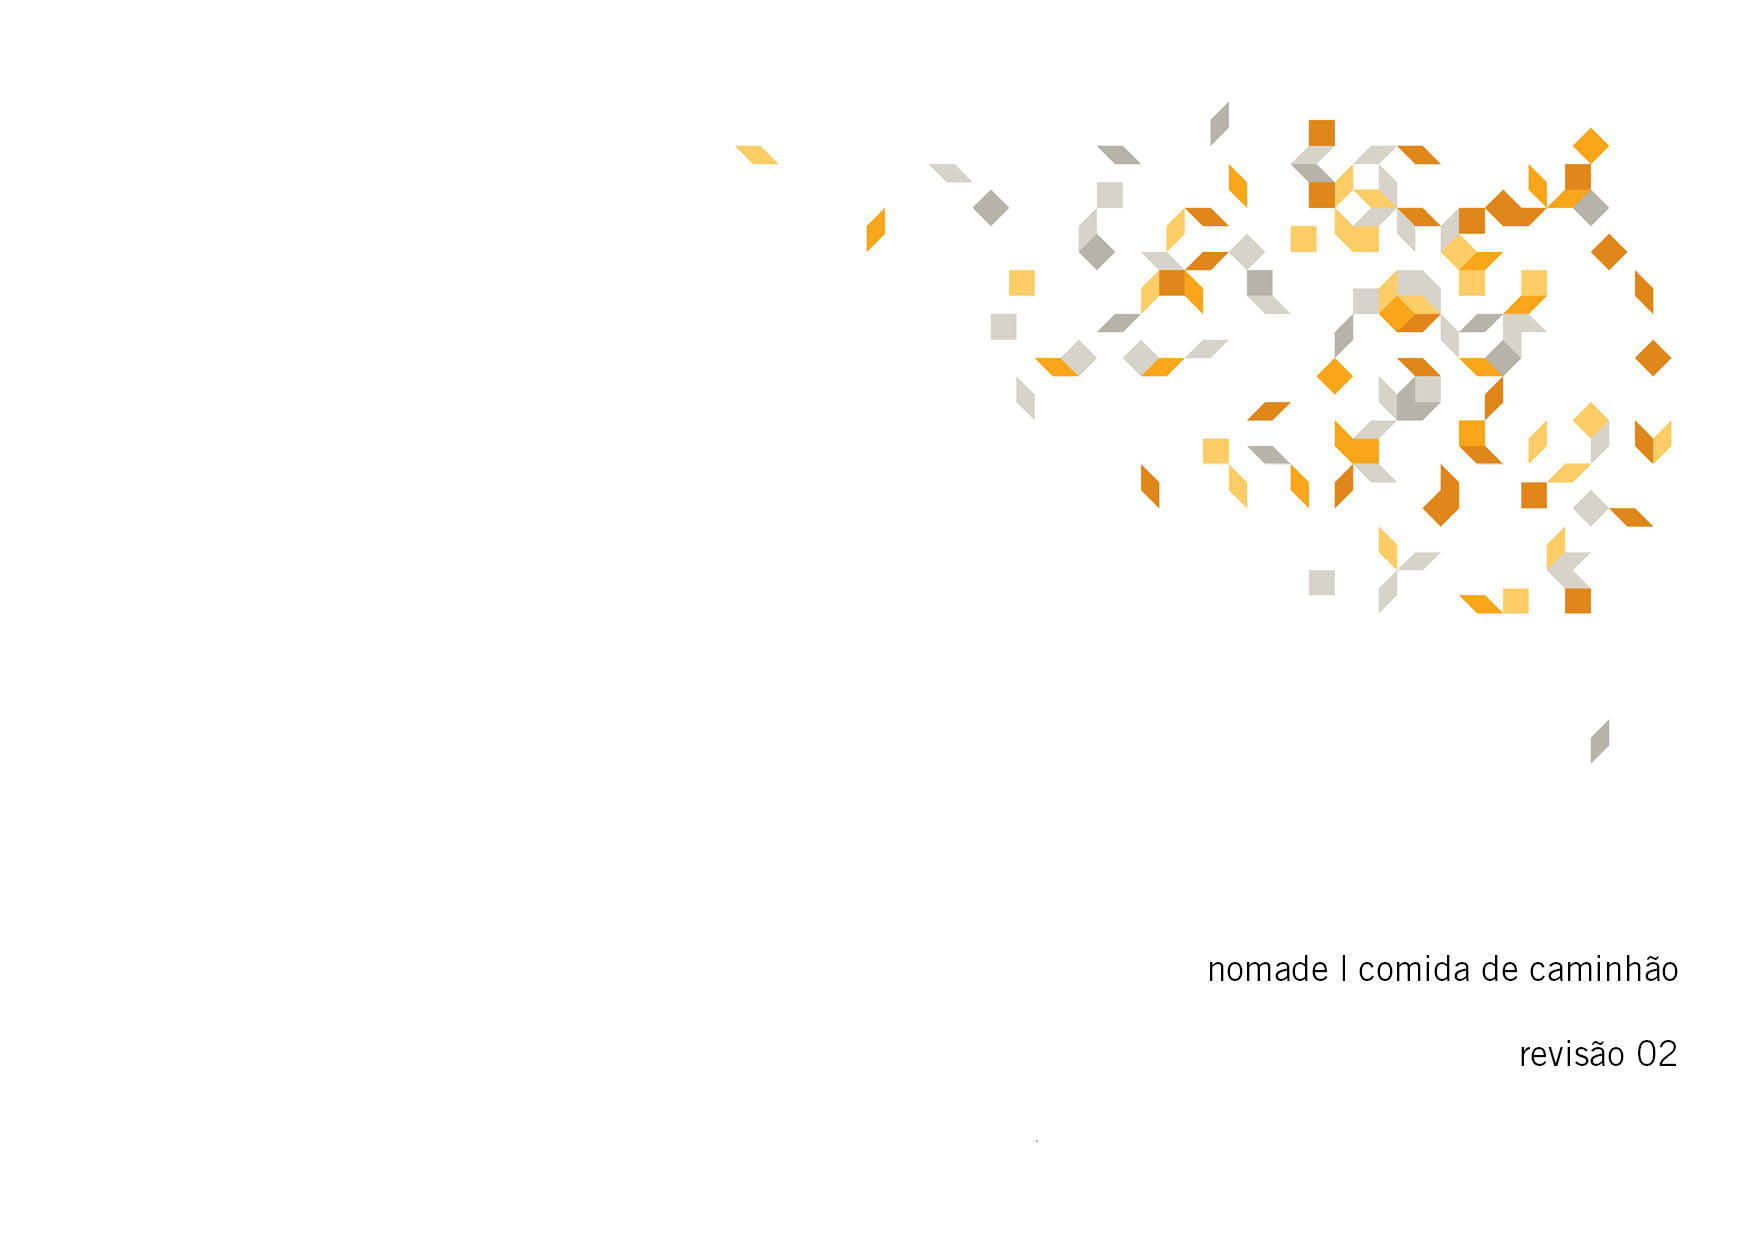 nomade_02.jpg